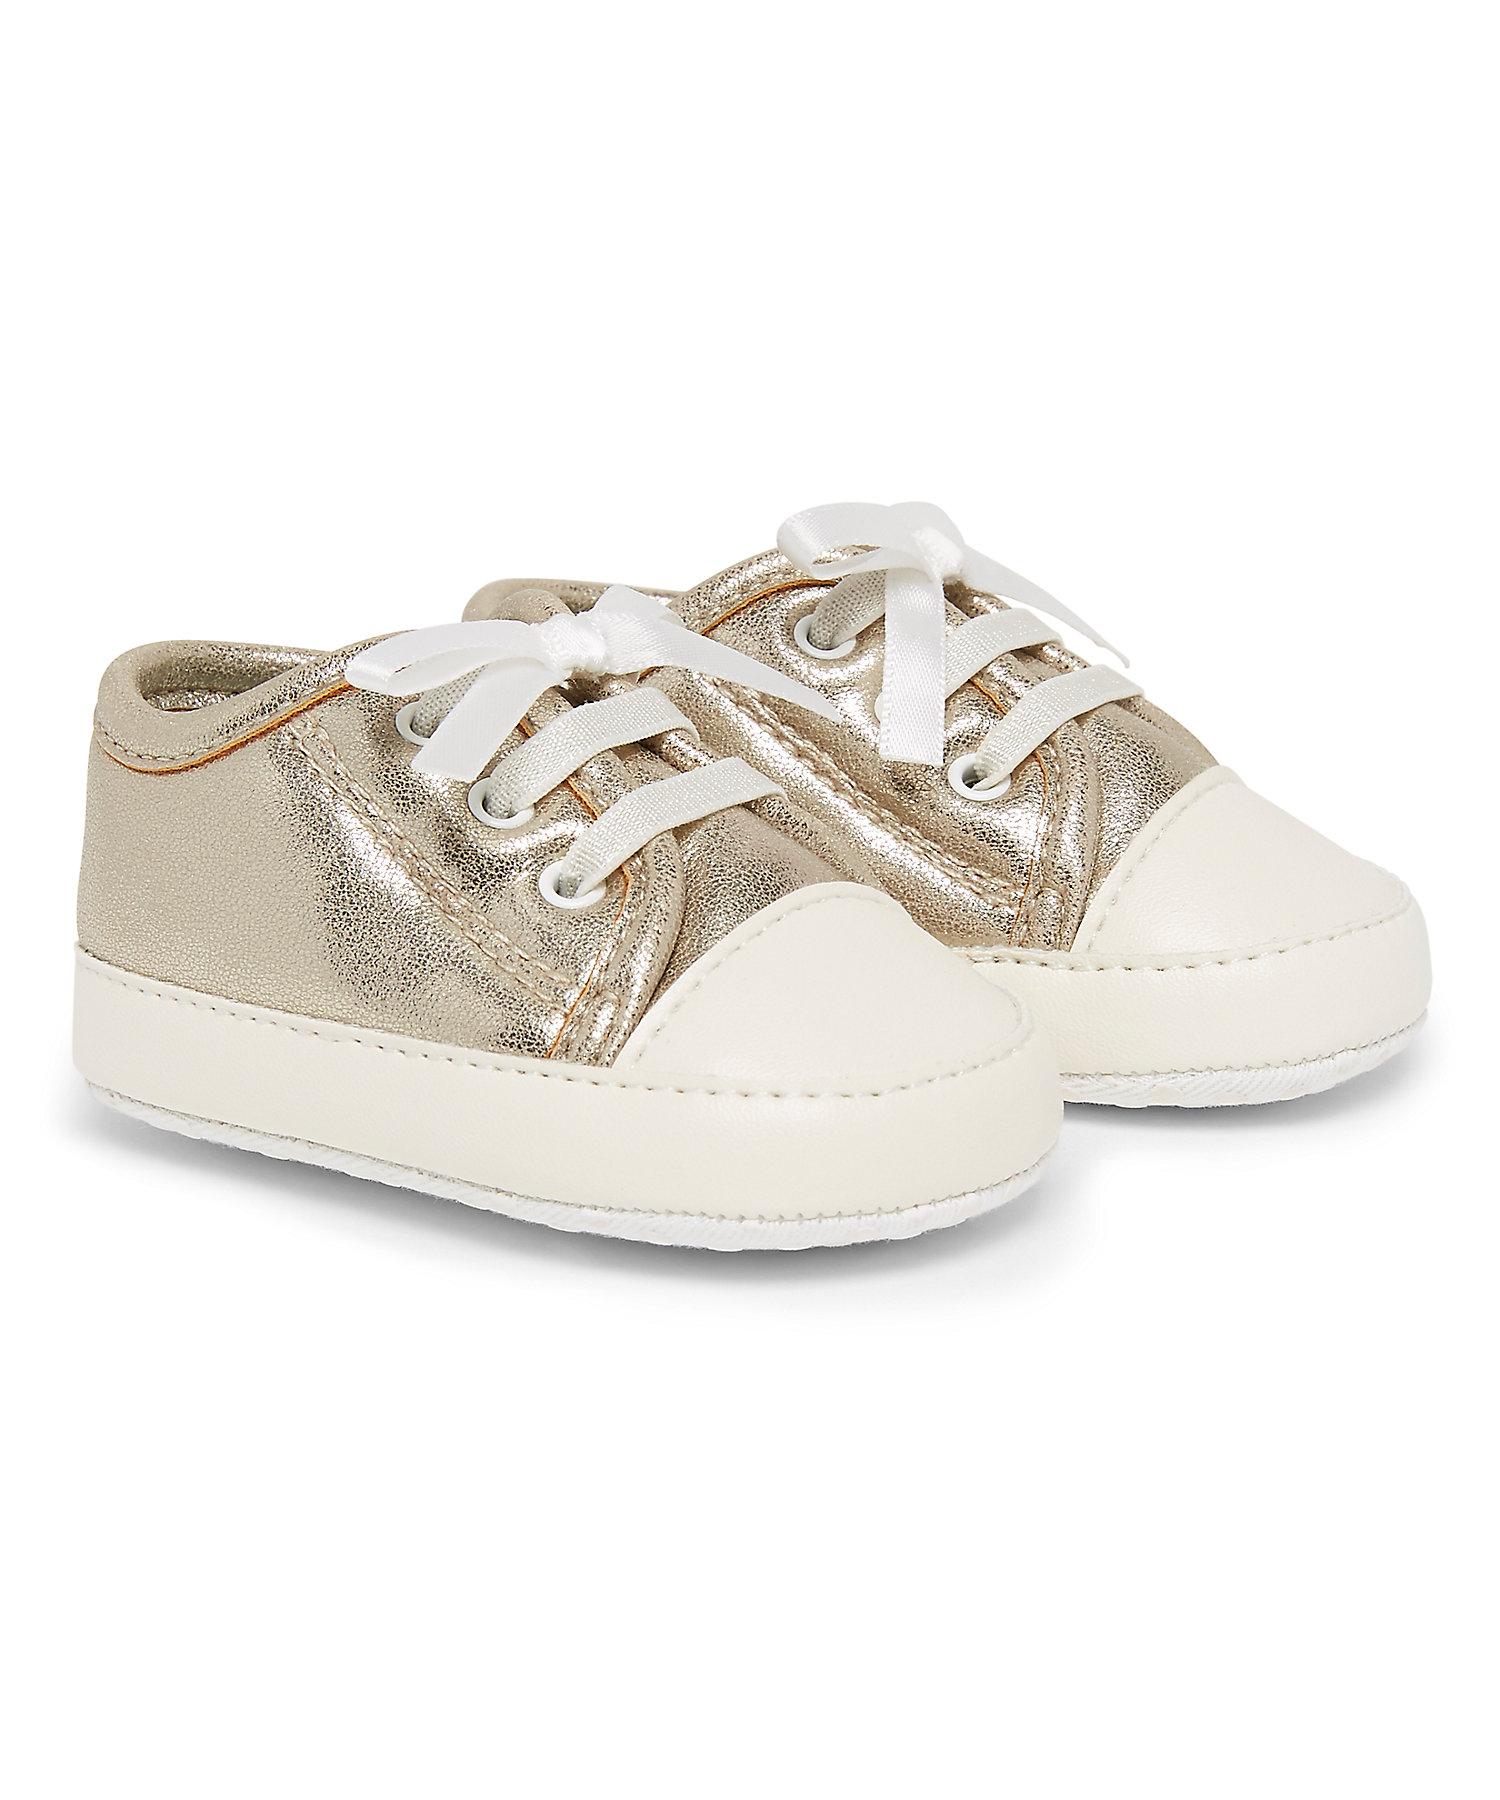 Mothercare | Girls Pram Shoes Metallic Finish - Gold